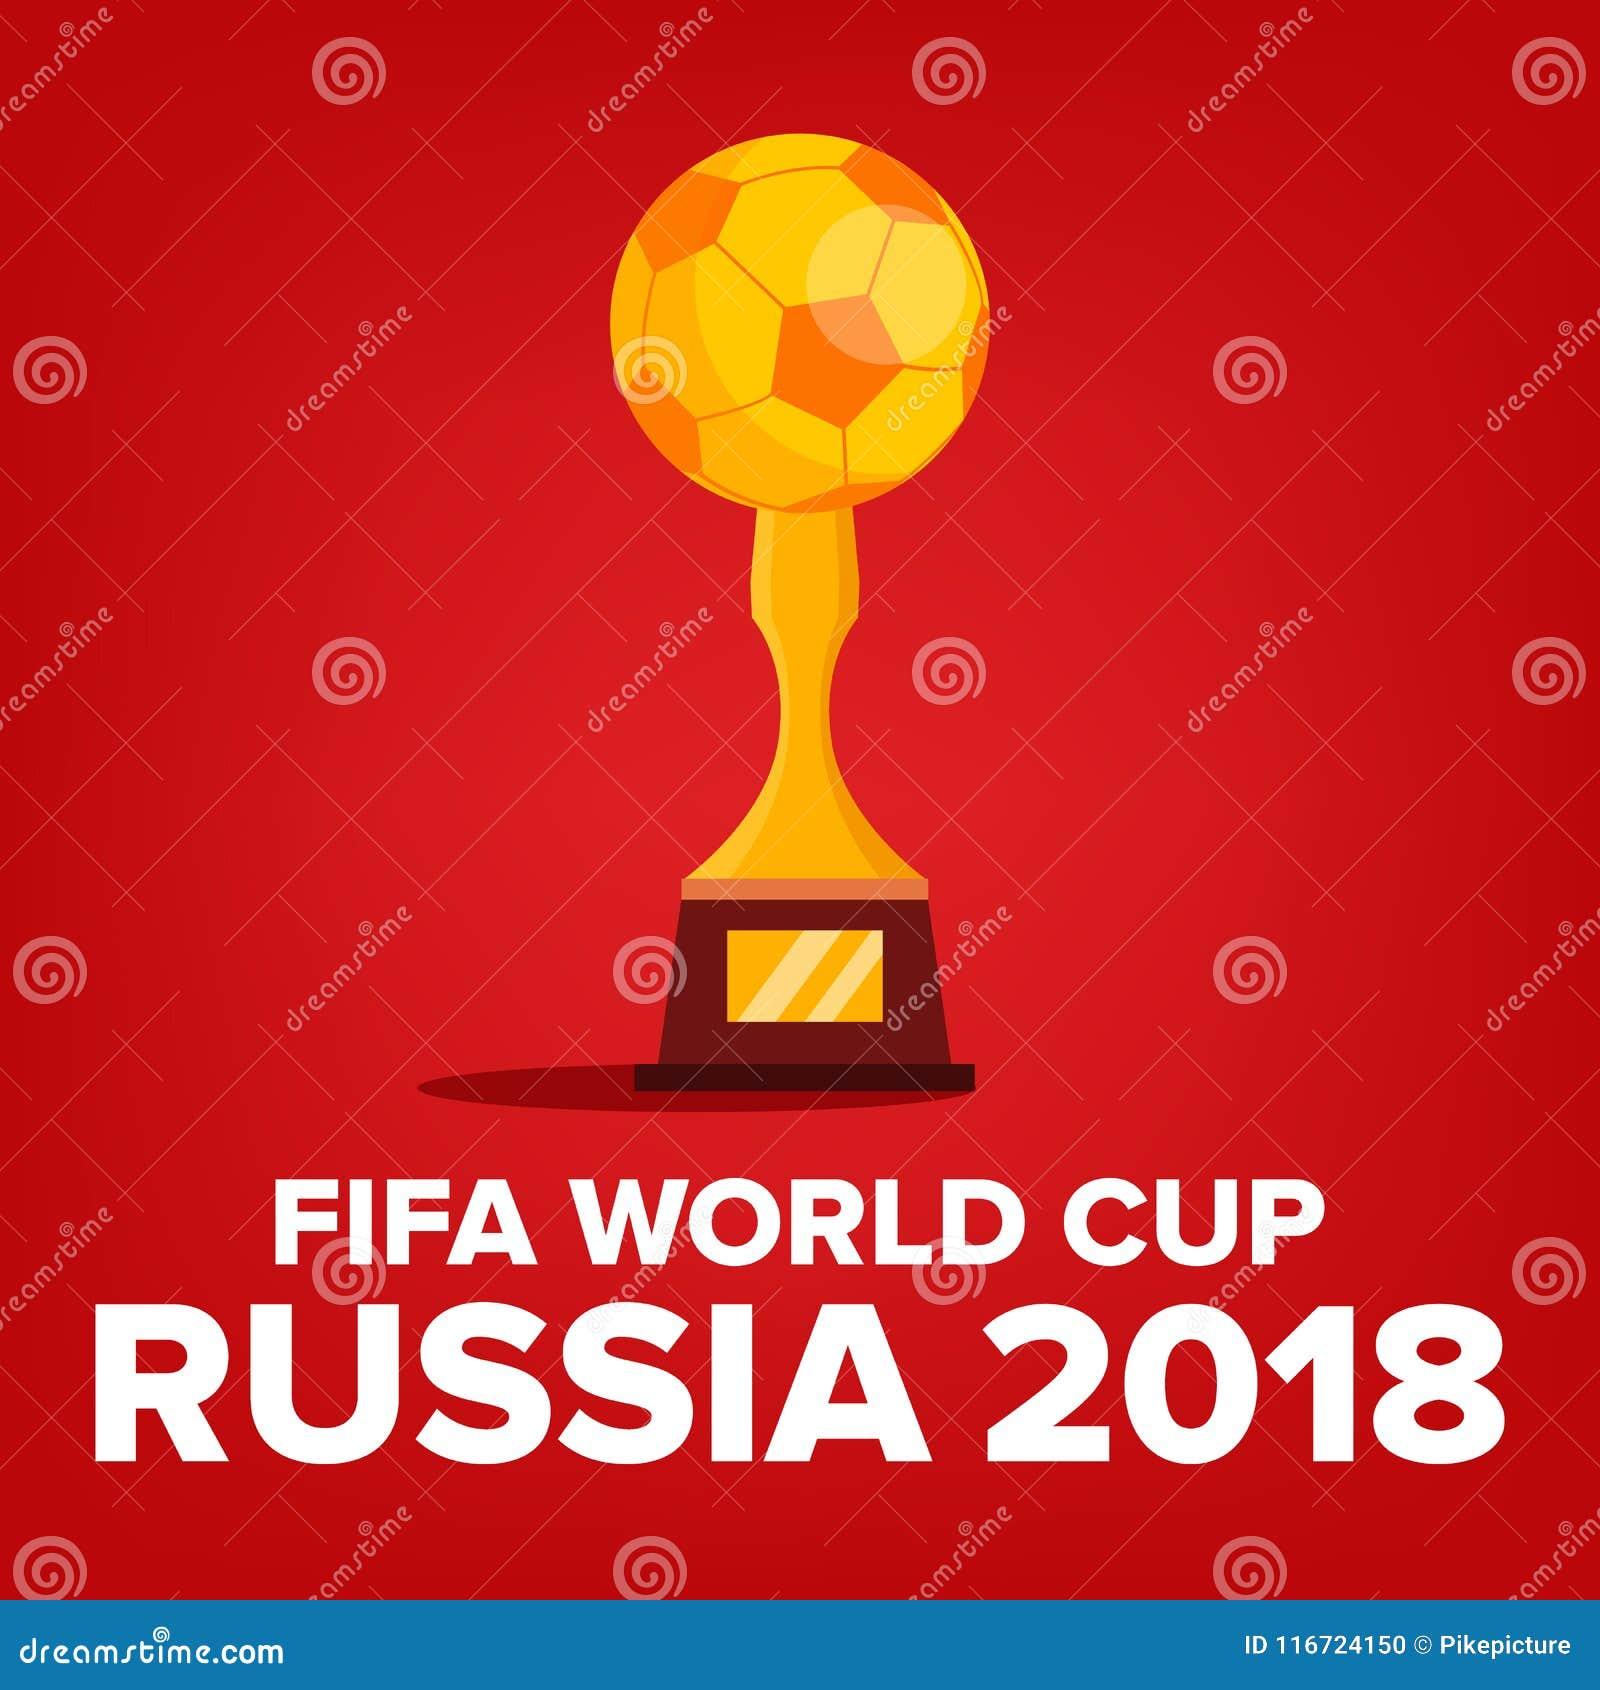 Vetor 2018 do fundo do campeonato do mundo de FIFA Evento de Rússia Fundo do campeonato do mundo Competição do fósforo Campeonato